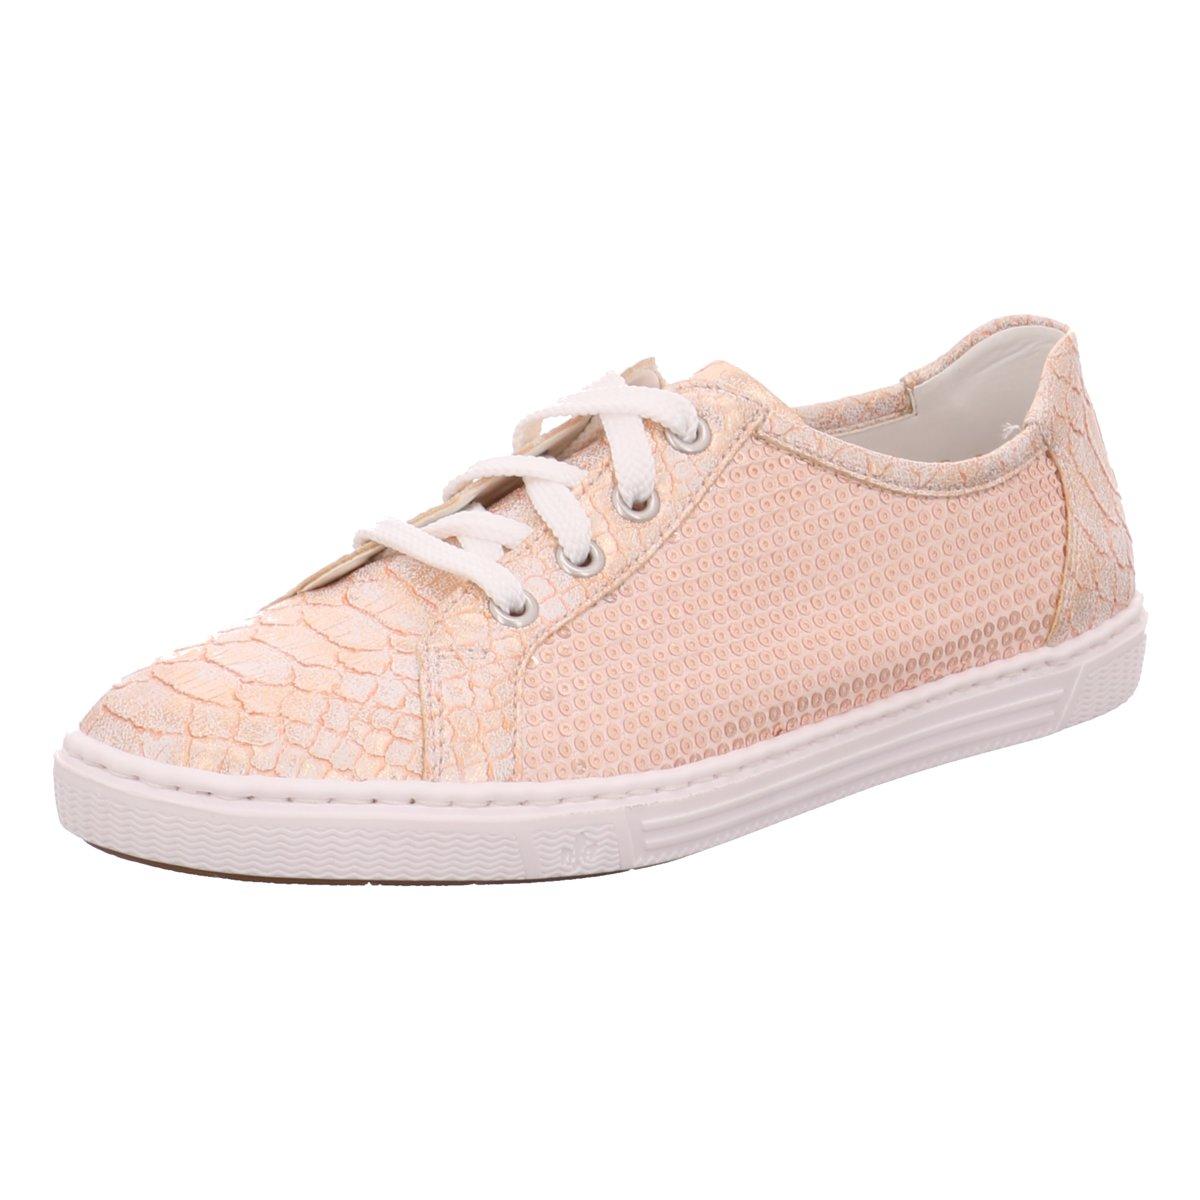 Rieker Damen Sneaker rosa L0900 31